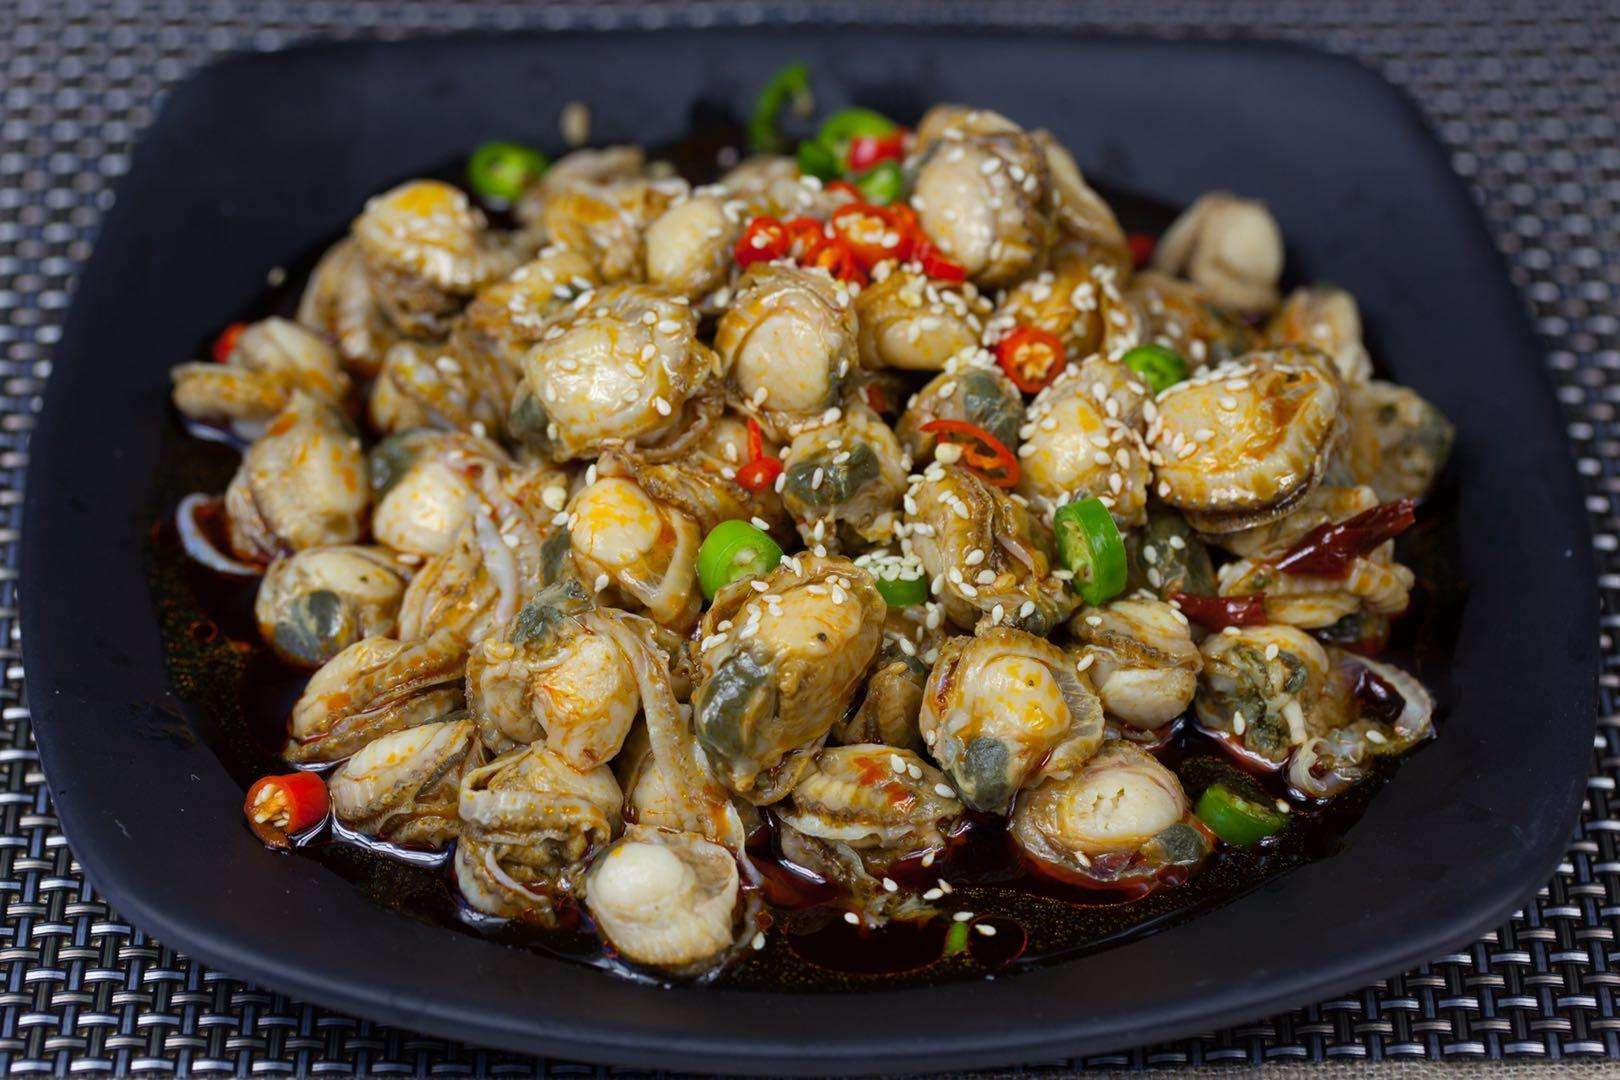 小海鲜,海鲜生捞汁小海鲜加盟